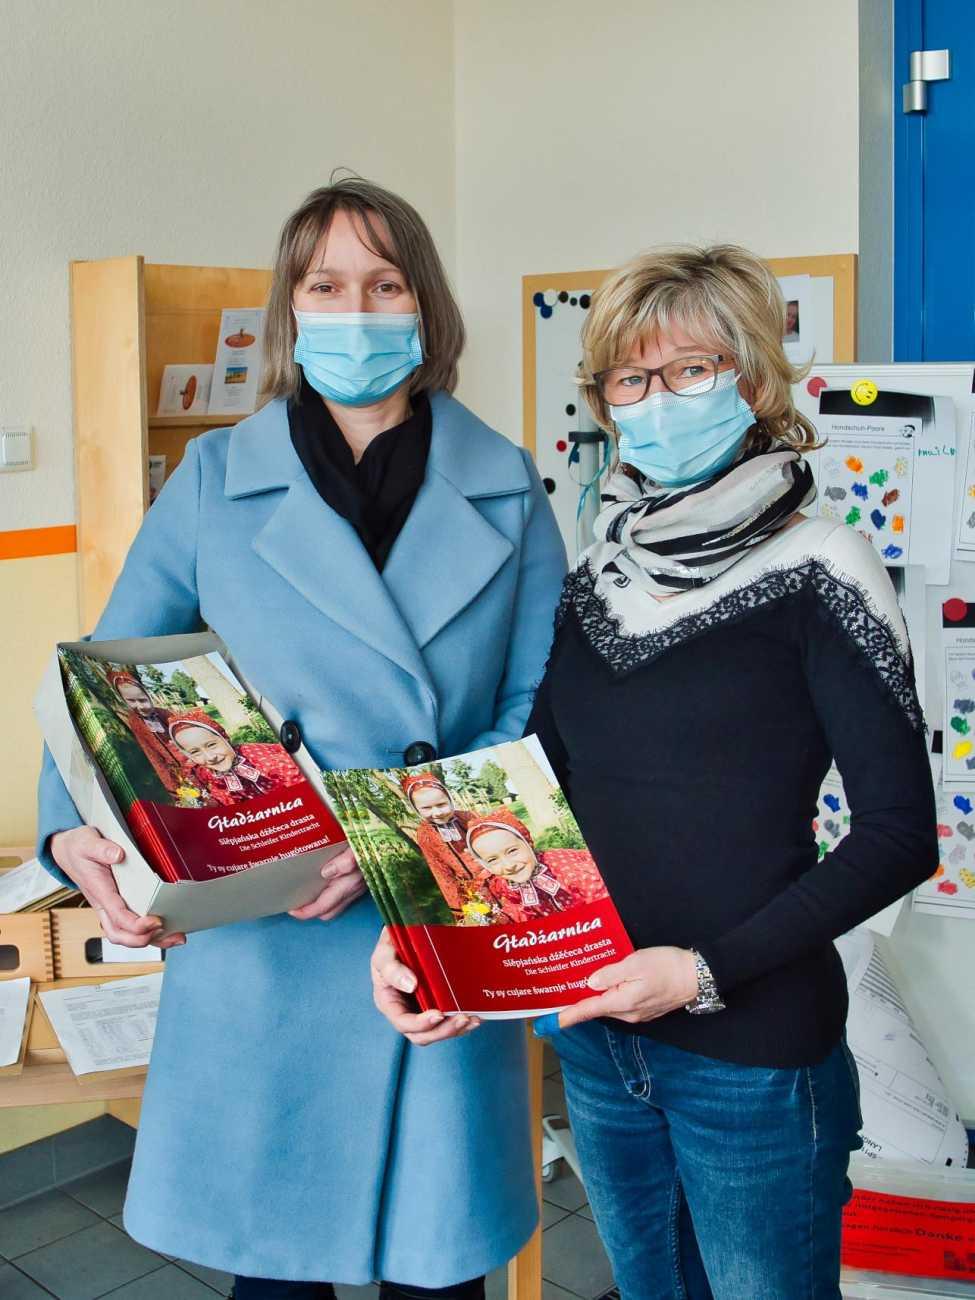 Übergabe der Kindertrachtenbücher am 29.01.2021 in der Kita Sonnenschein Trebendorf